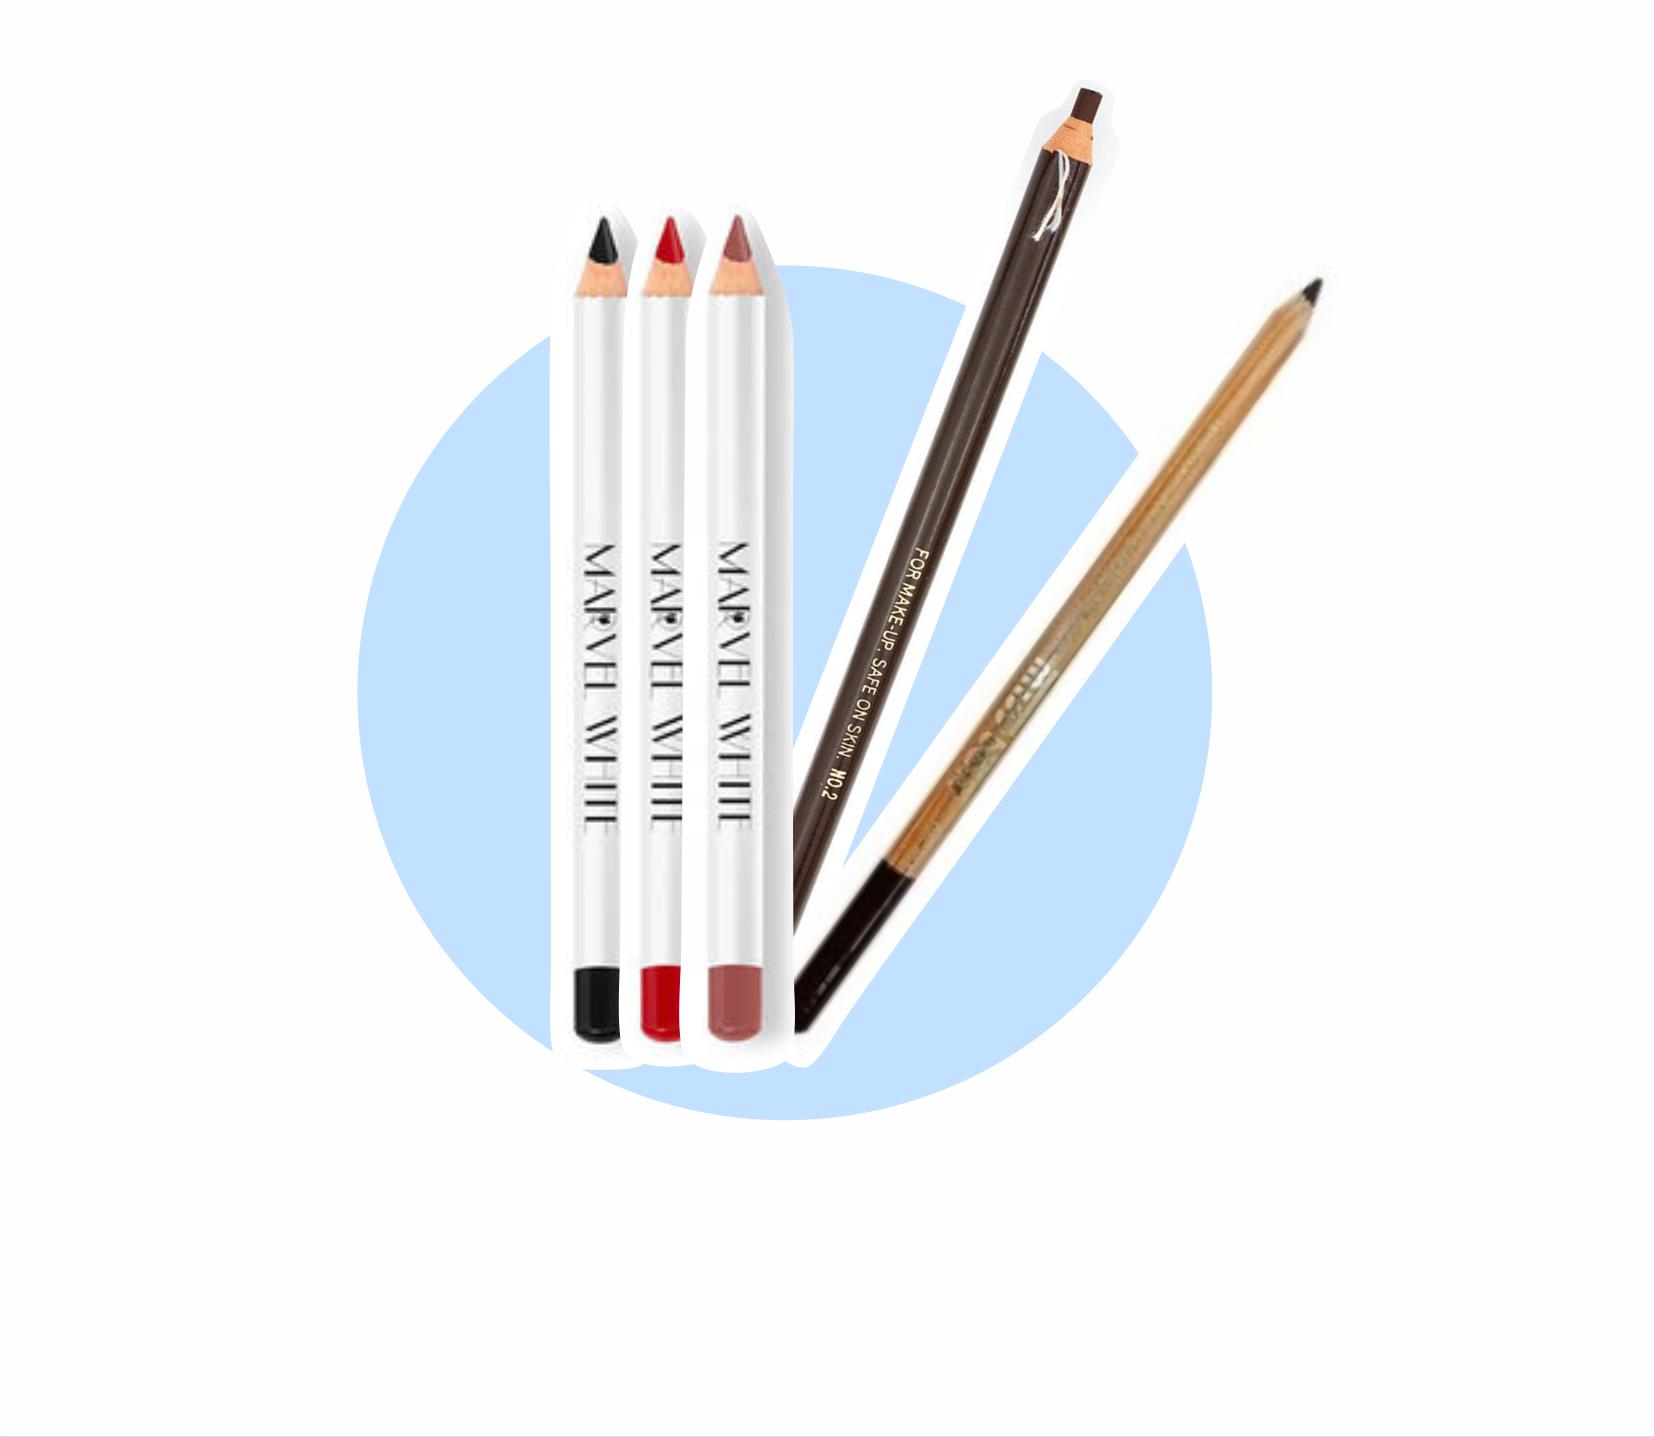 Карандаши, маркеры для отрисовки эскиза